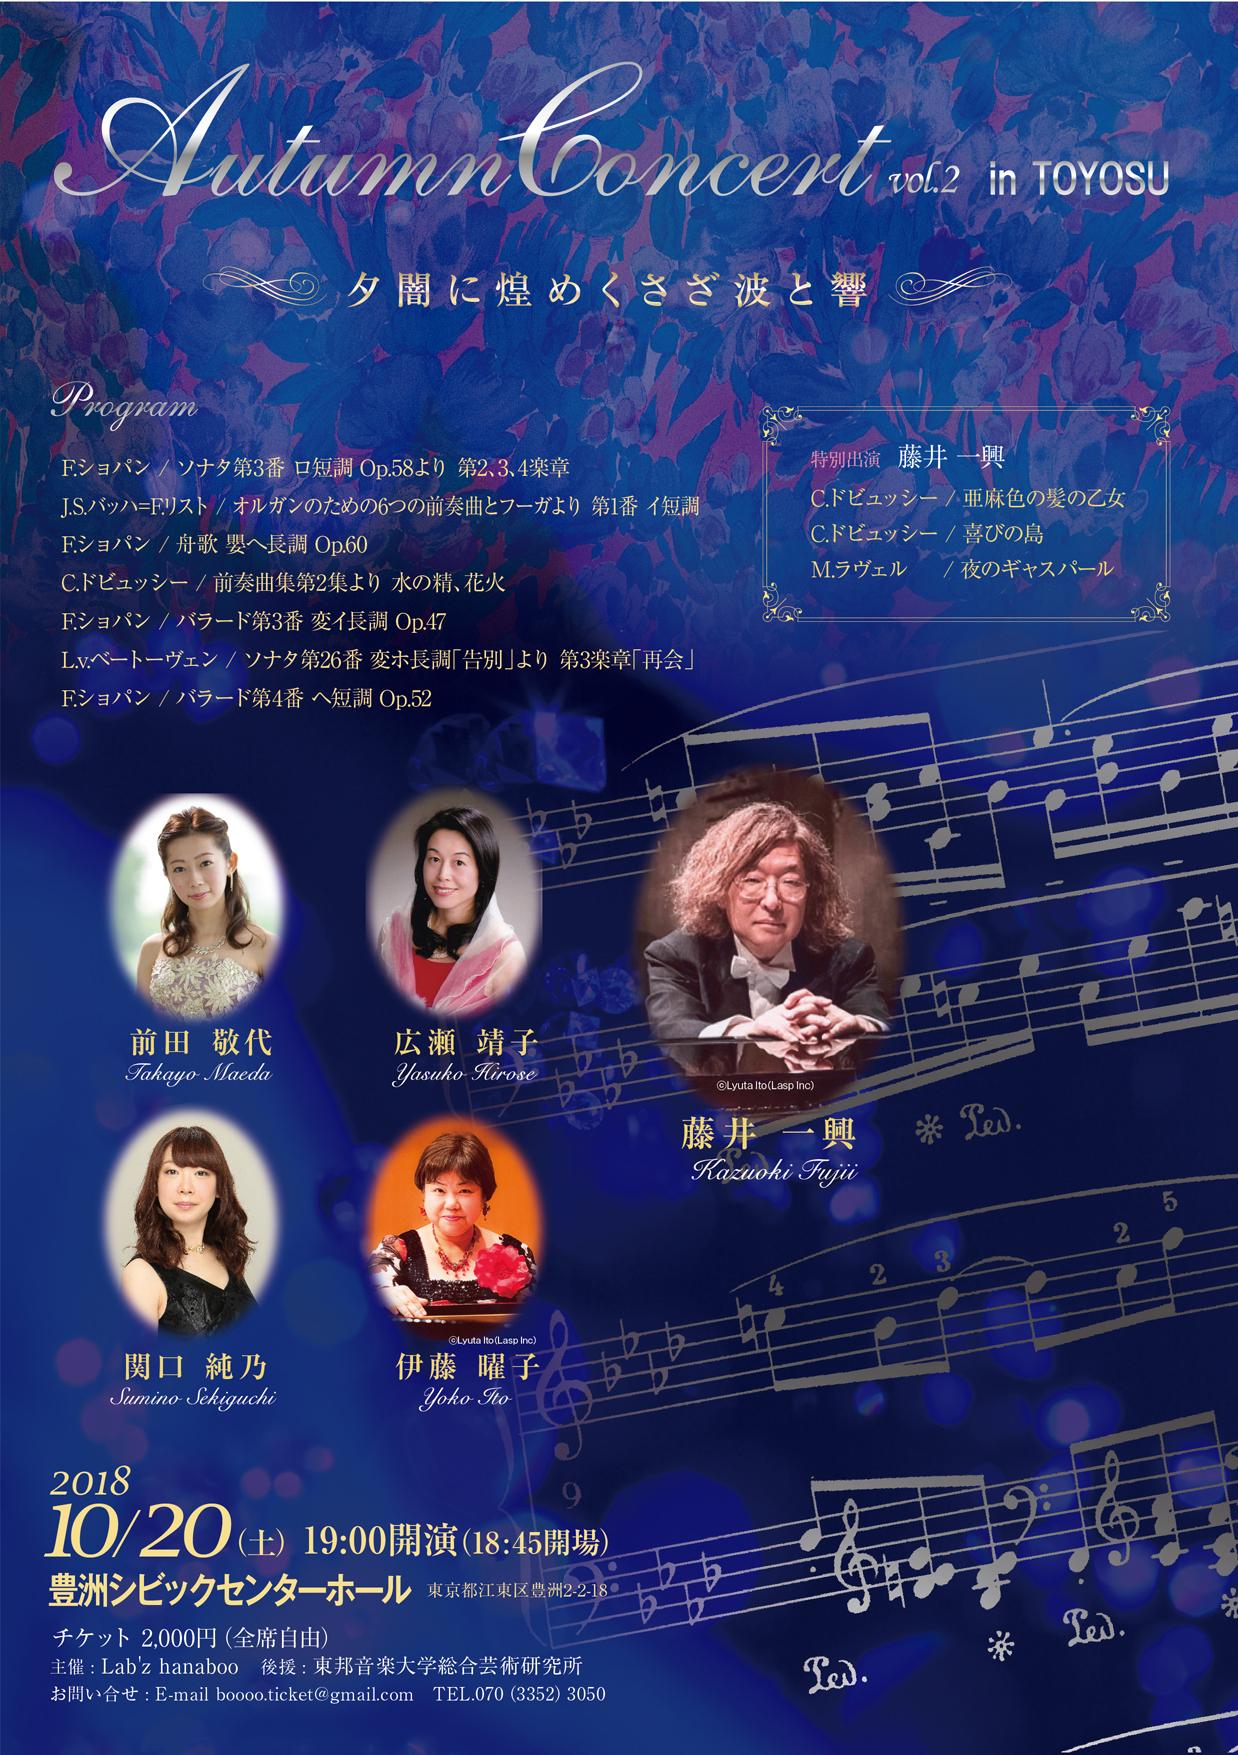 2018年10月20日(土) Autumn Concert vol.2 in TOYOSU ~夕闇に煌めくさざ波と響~